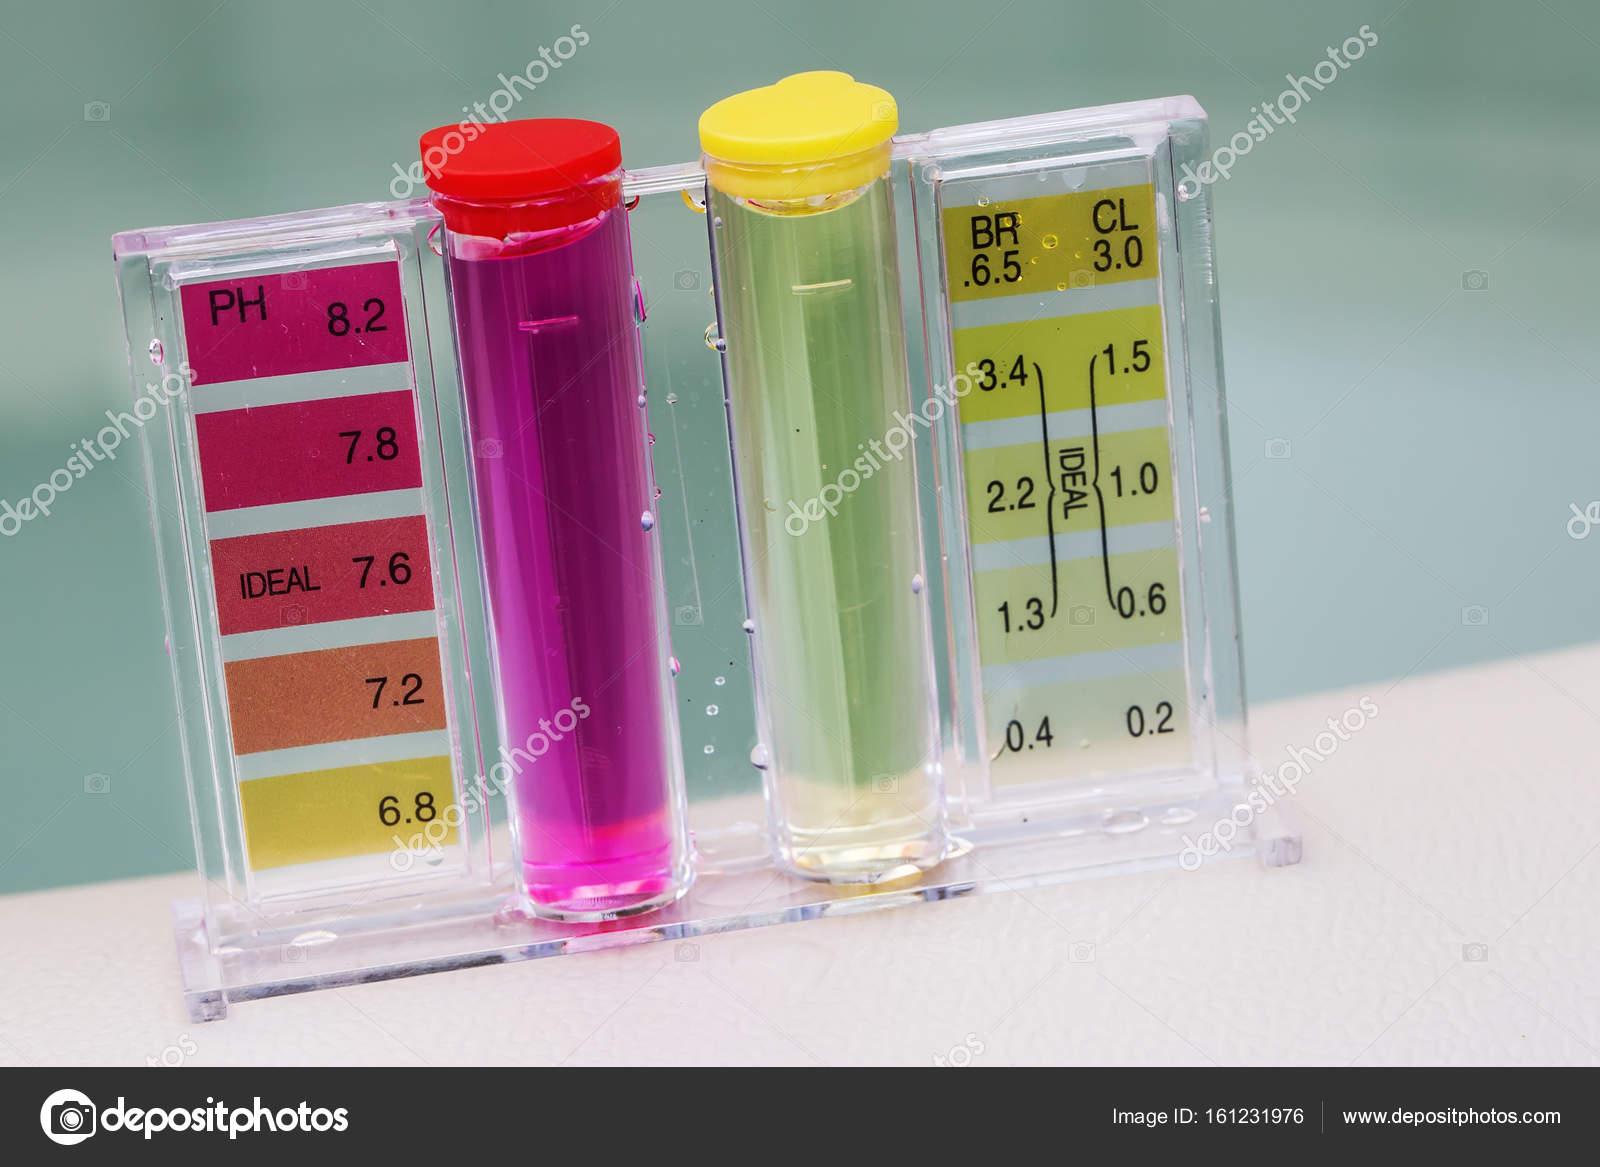 Jacuzzi spa piscina mantenimiento prueba nivel de ph - Cantidad de salfuman para bajar ph piscina ...